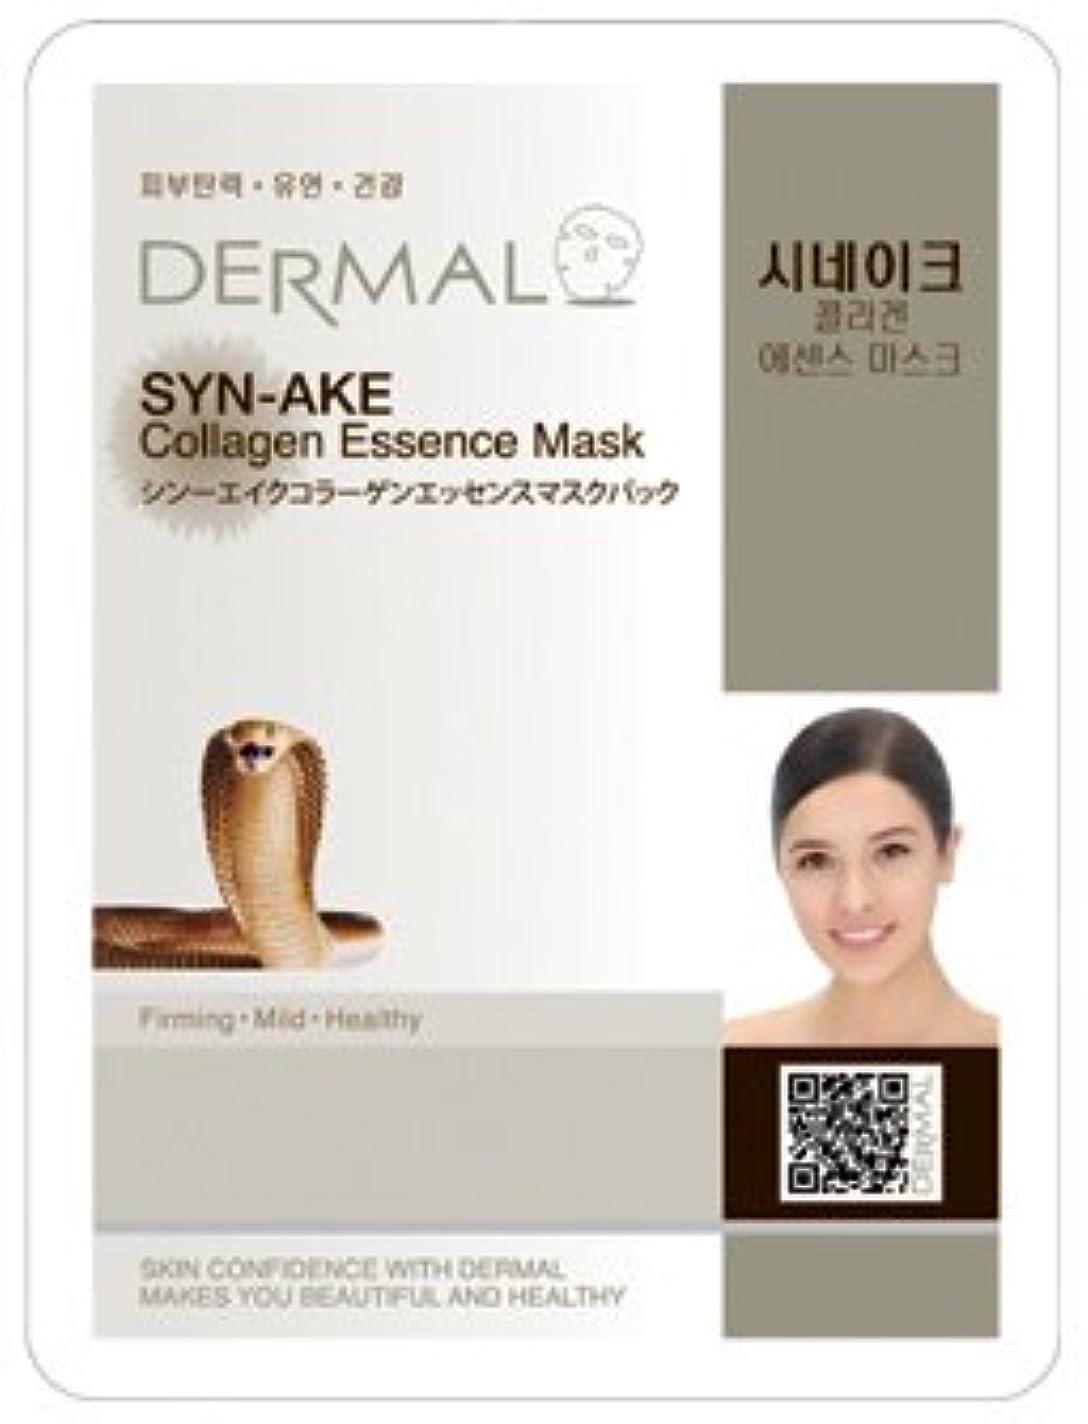 焦げマウス終点蛇毒シートマスク(フェイスパック) シンエイク 10枚セット ダーマル(Dermal)